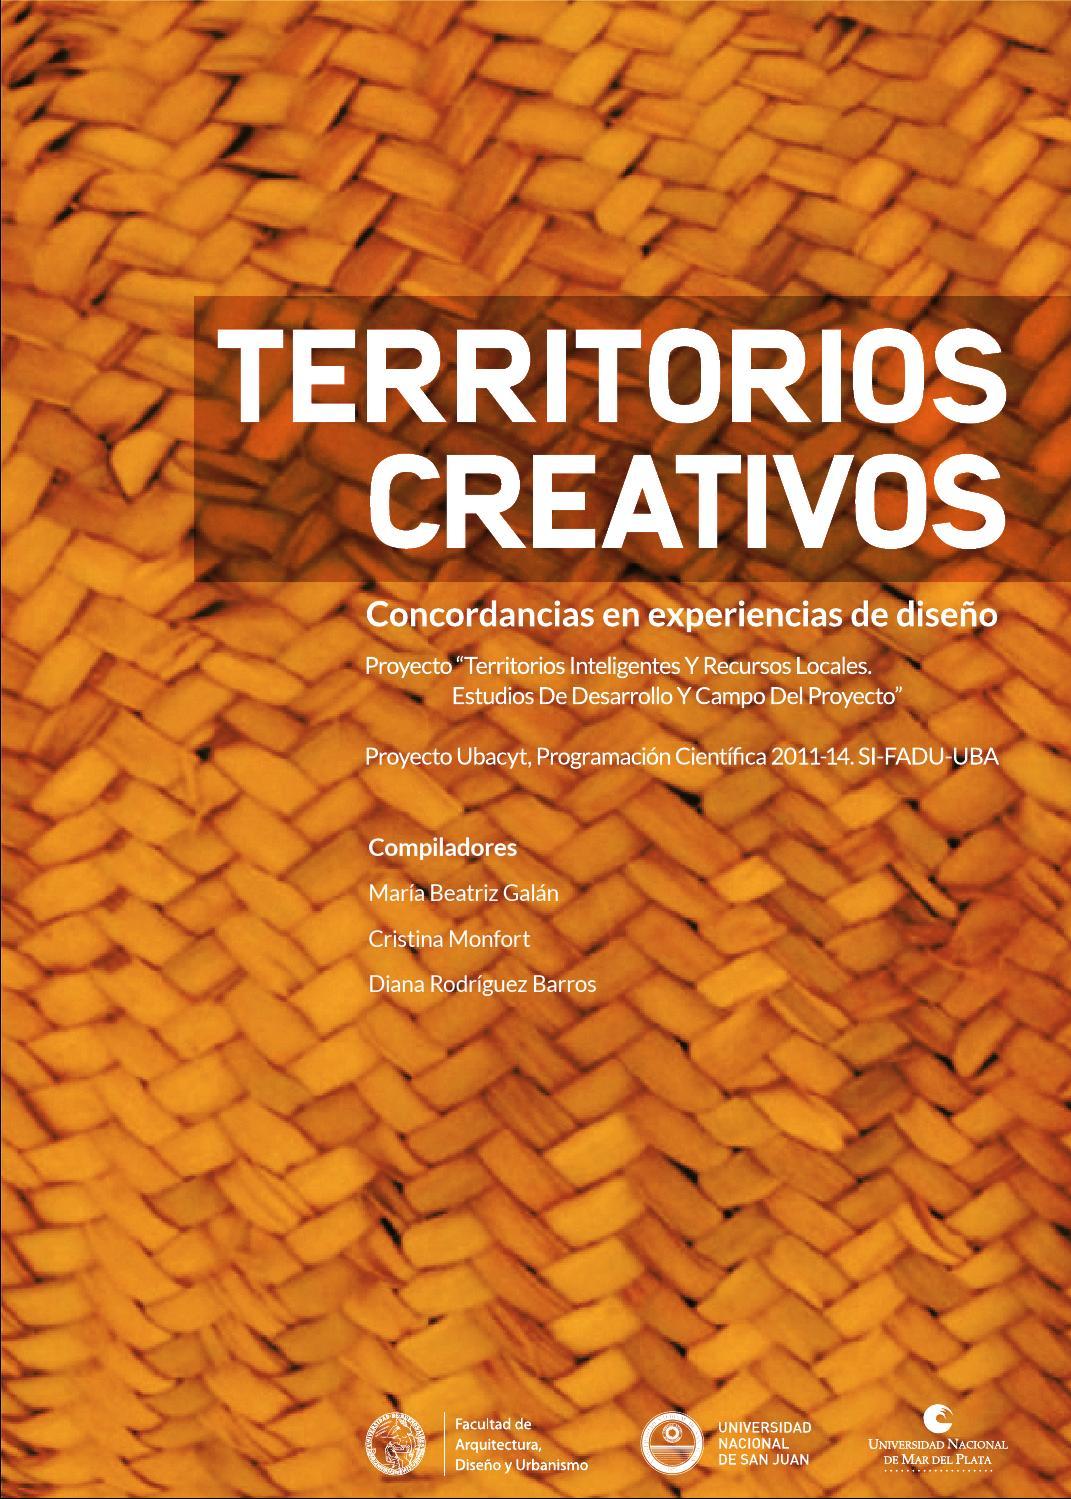 Territorioscreativos by ceprodide, Centro de Proyecto, Diseño y ...